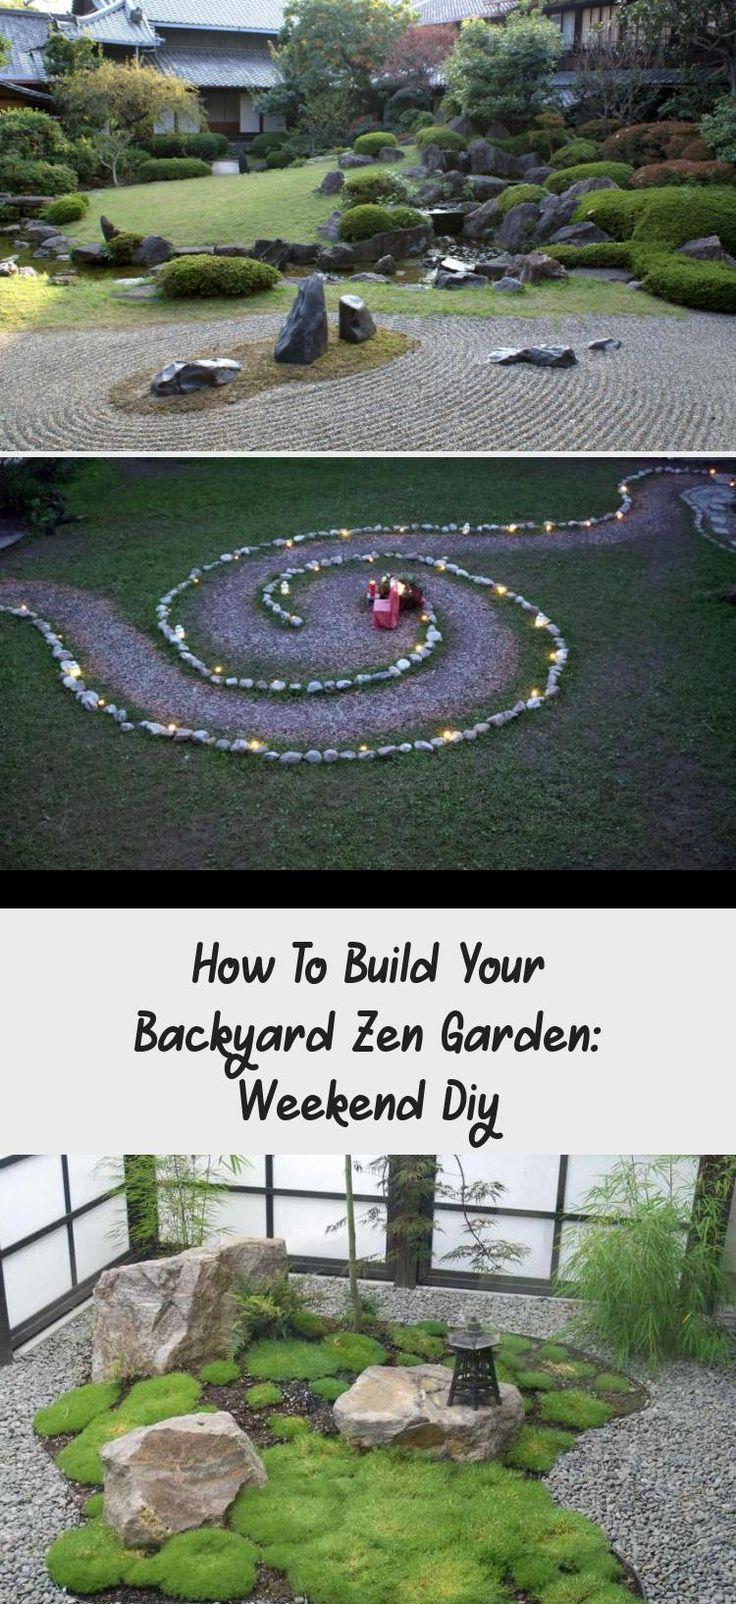 How To Build Your Backyard Zen Garden: Weekend Diy in 2020 ...